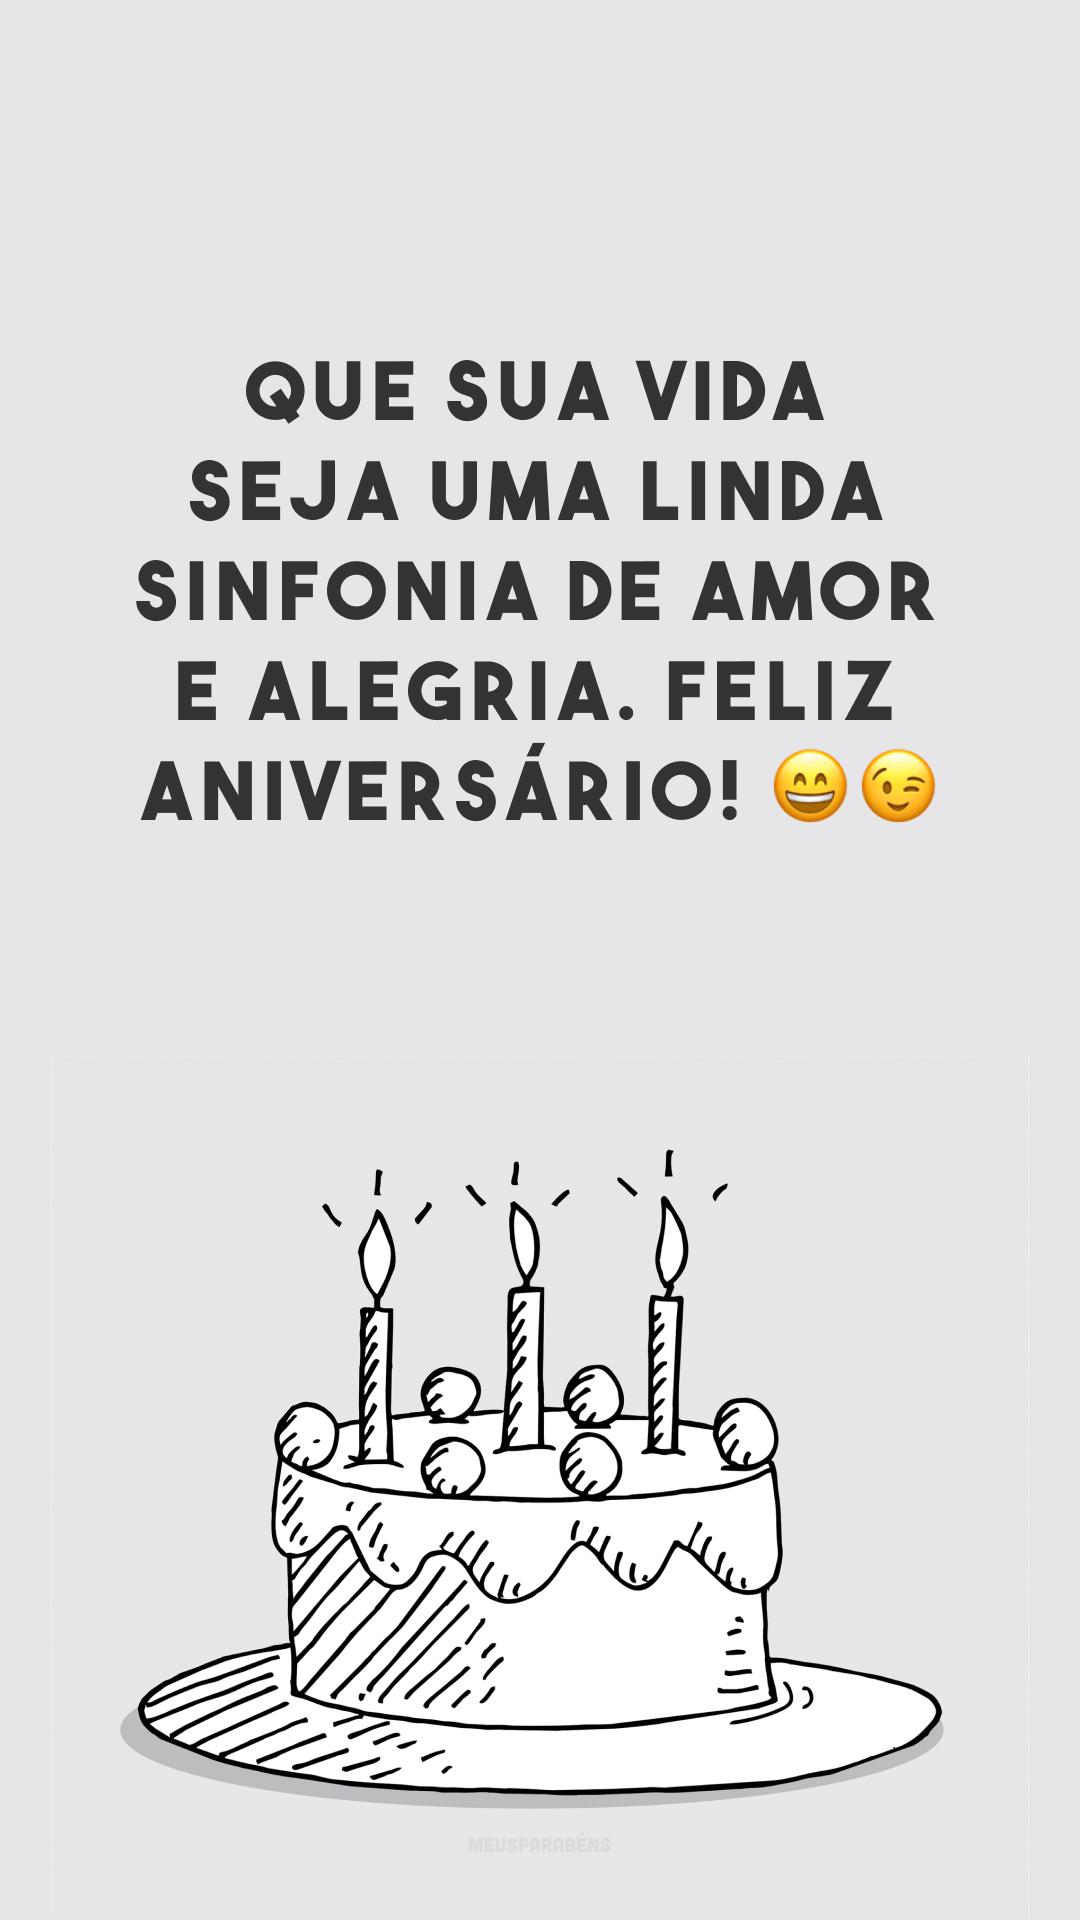 Que sua vida seja uma linda sinfonia de amor e alegria. Feliz aniversário! 😄😉